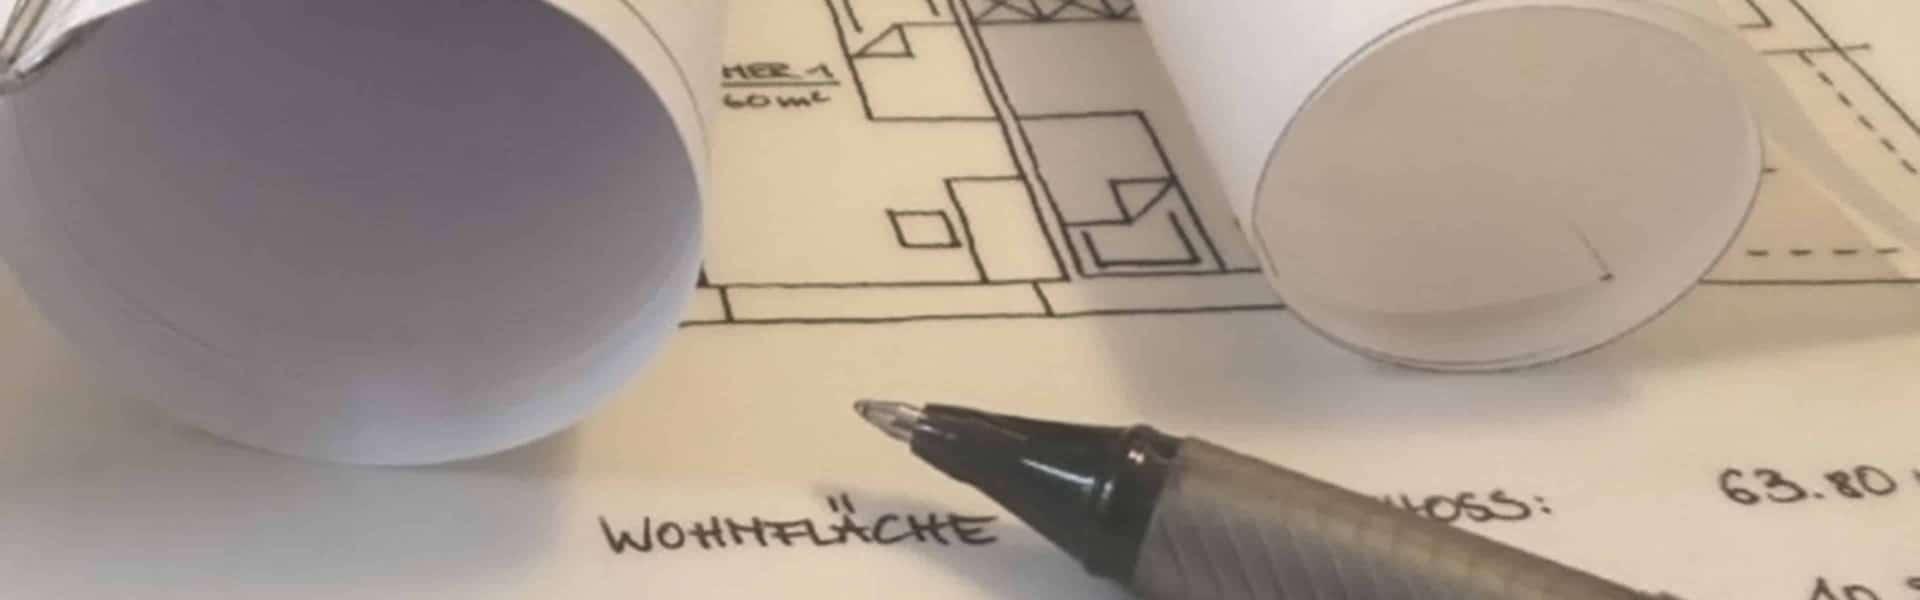 Holzhaus planen & bauen